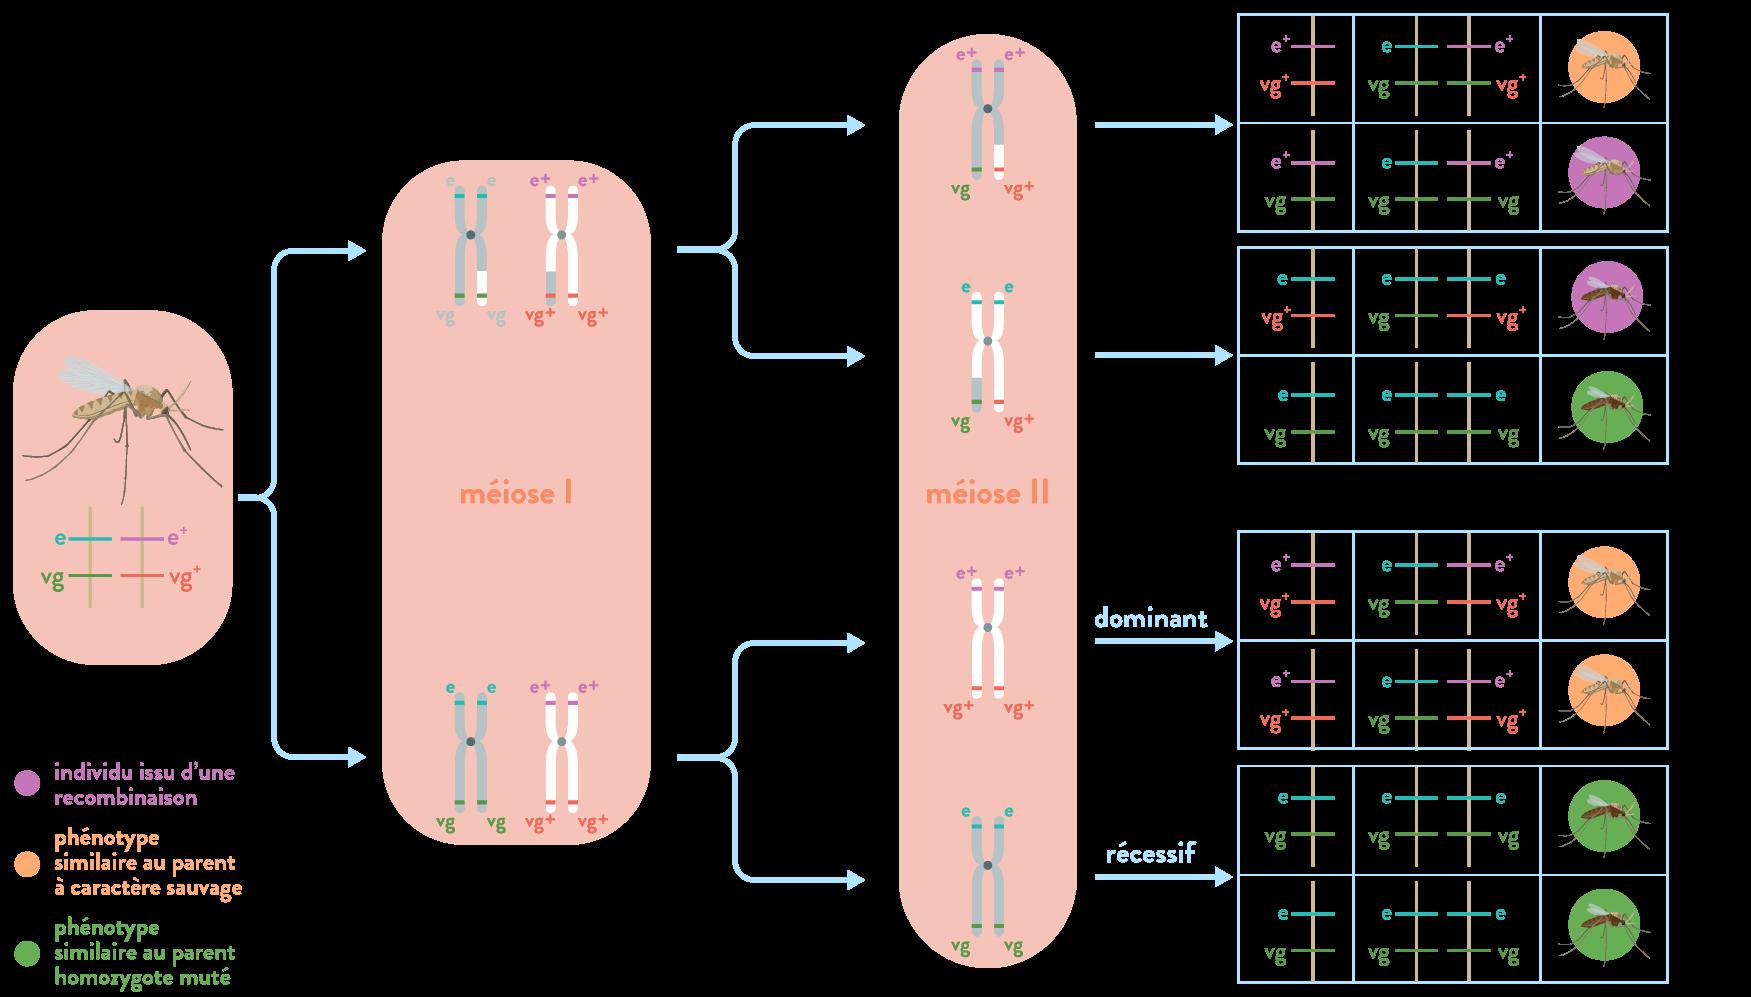 Divisions méiotiques diversité génétique